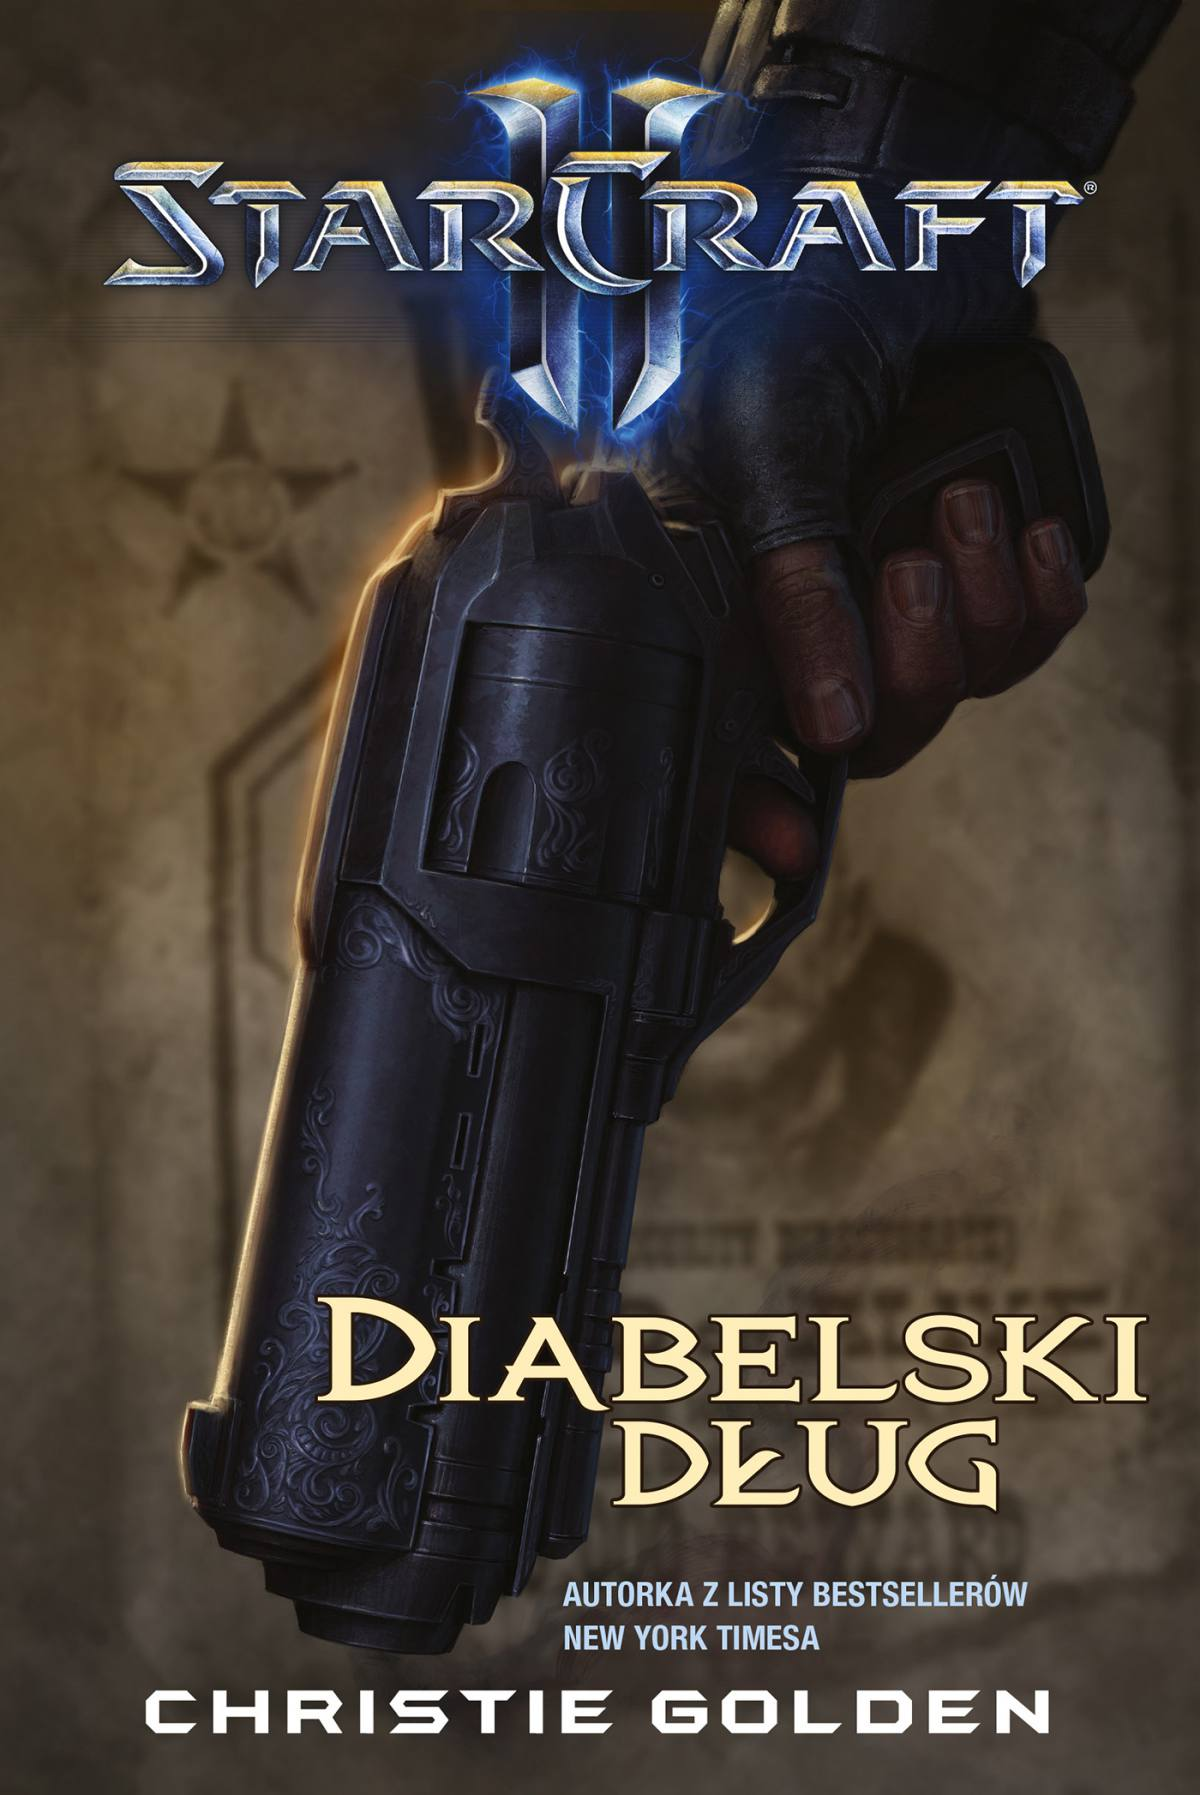 StarCraft II: Diabelski dług - Ebook (Książka EPUB) do pobrania w formacie EPUB